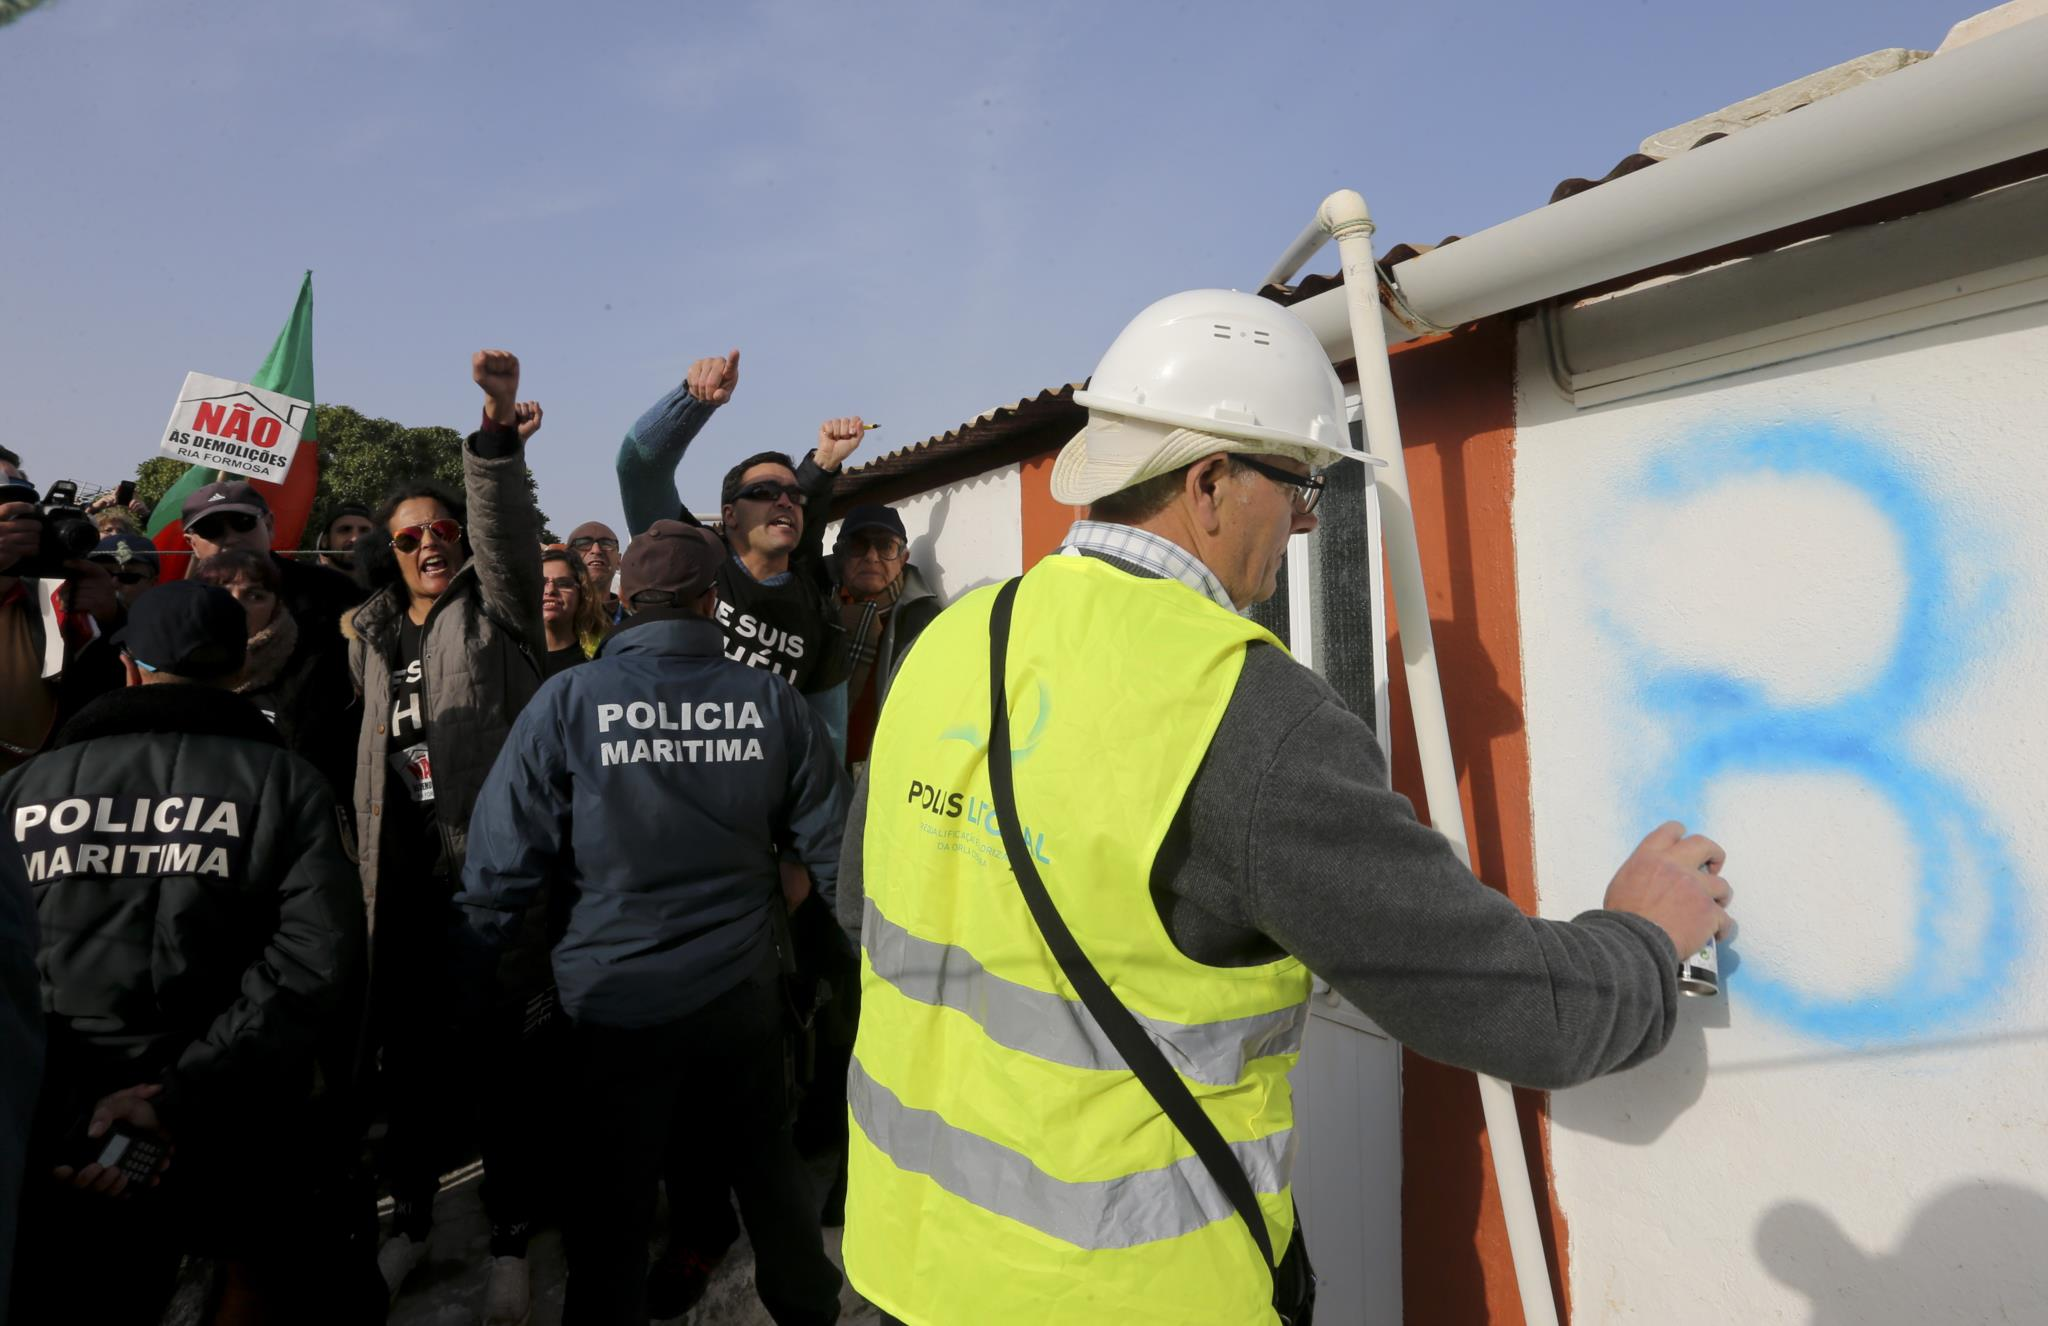 PÚBLICO - Camaleão não trava demolições na ilha do Farol